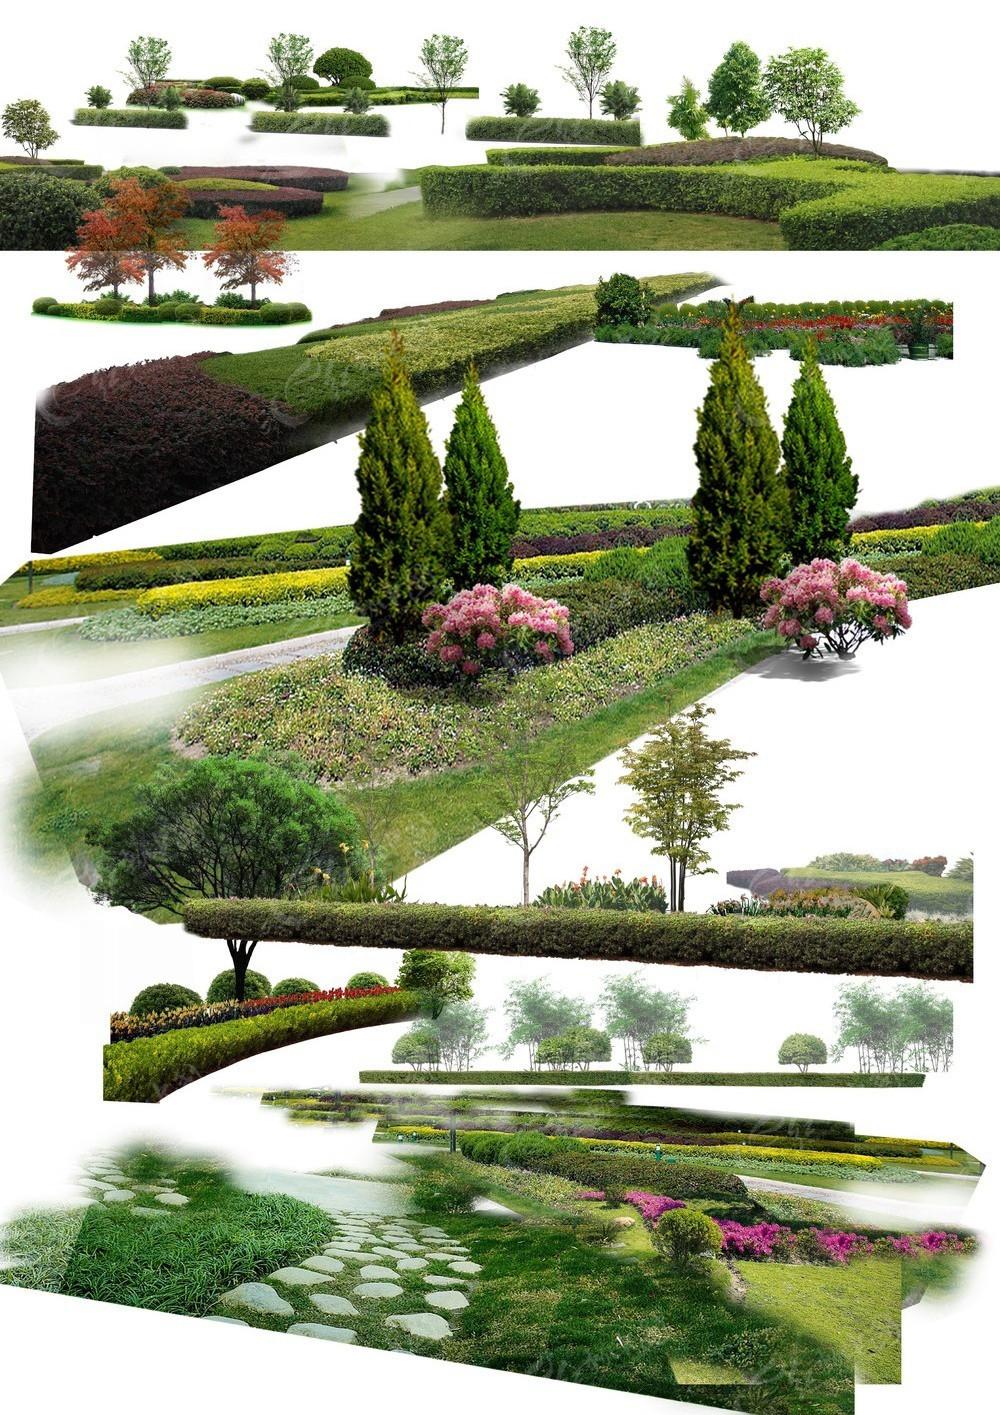 绿化 园林 景观 园林景观 景观植物 植物 花木 花莆 植物素材 花卉